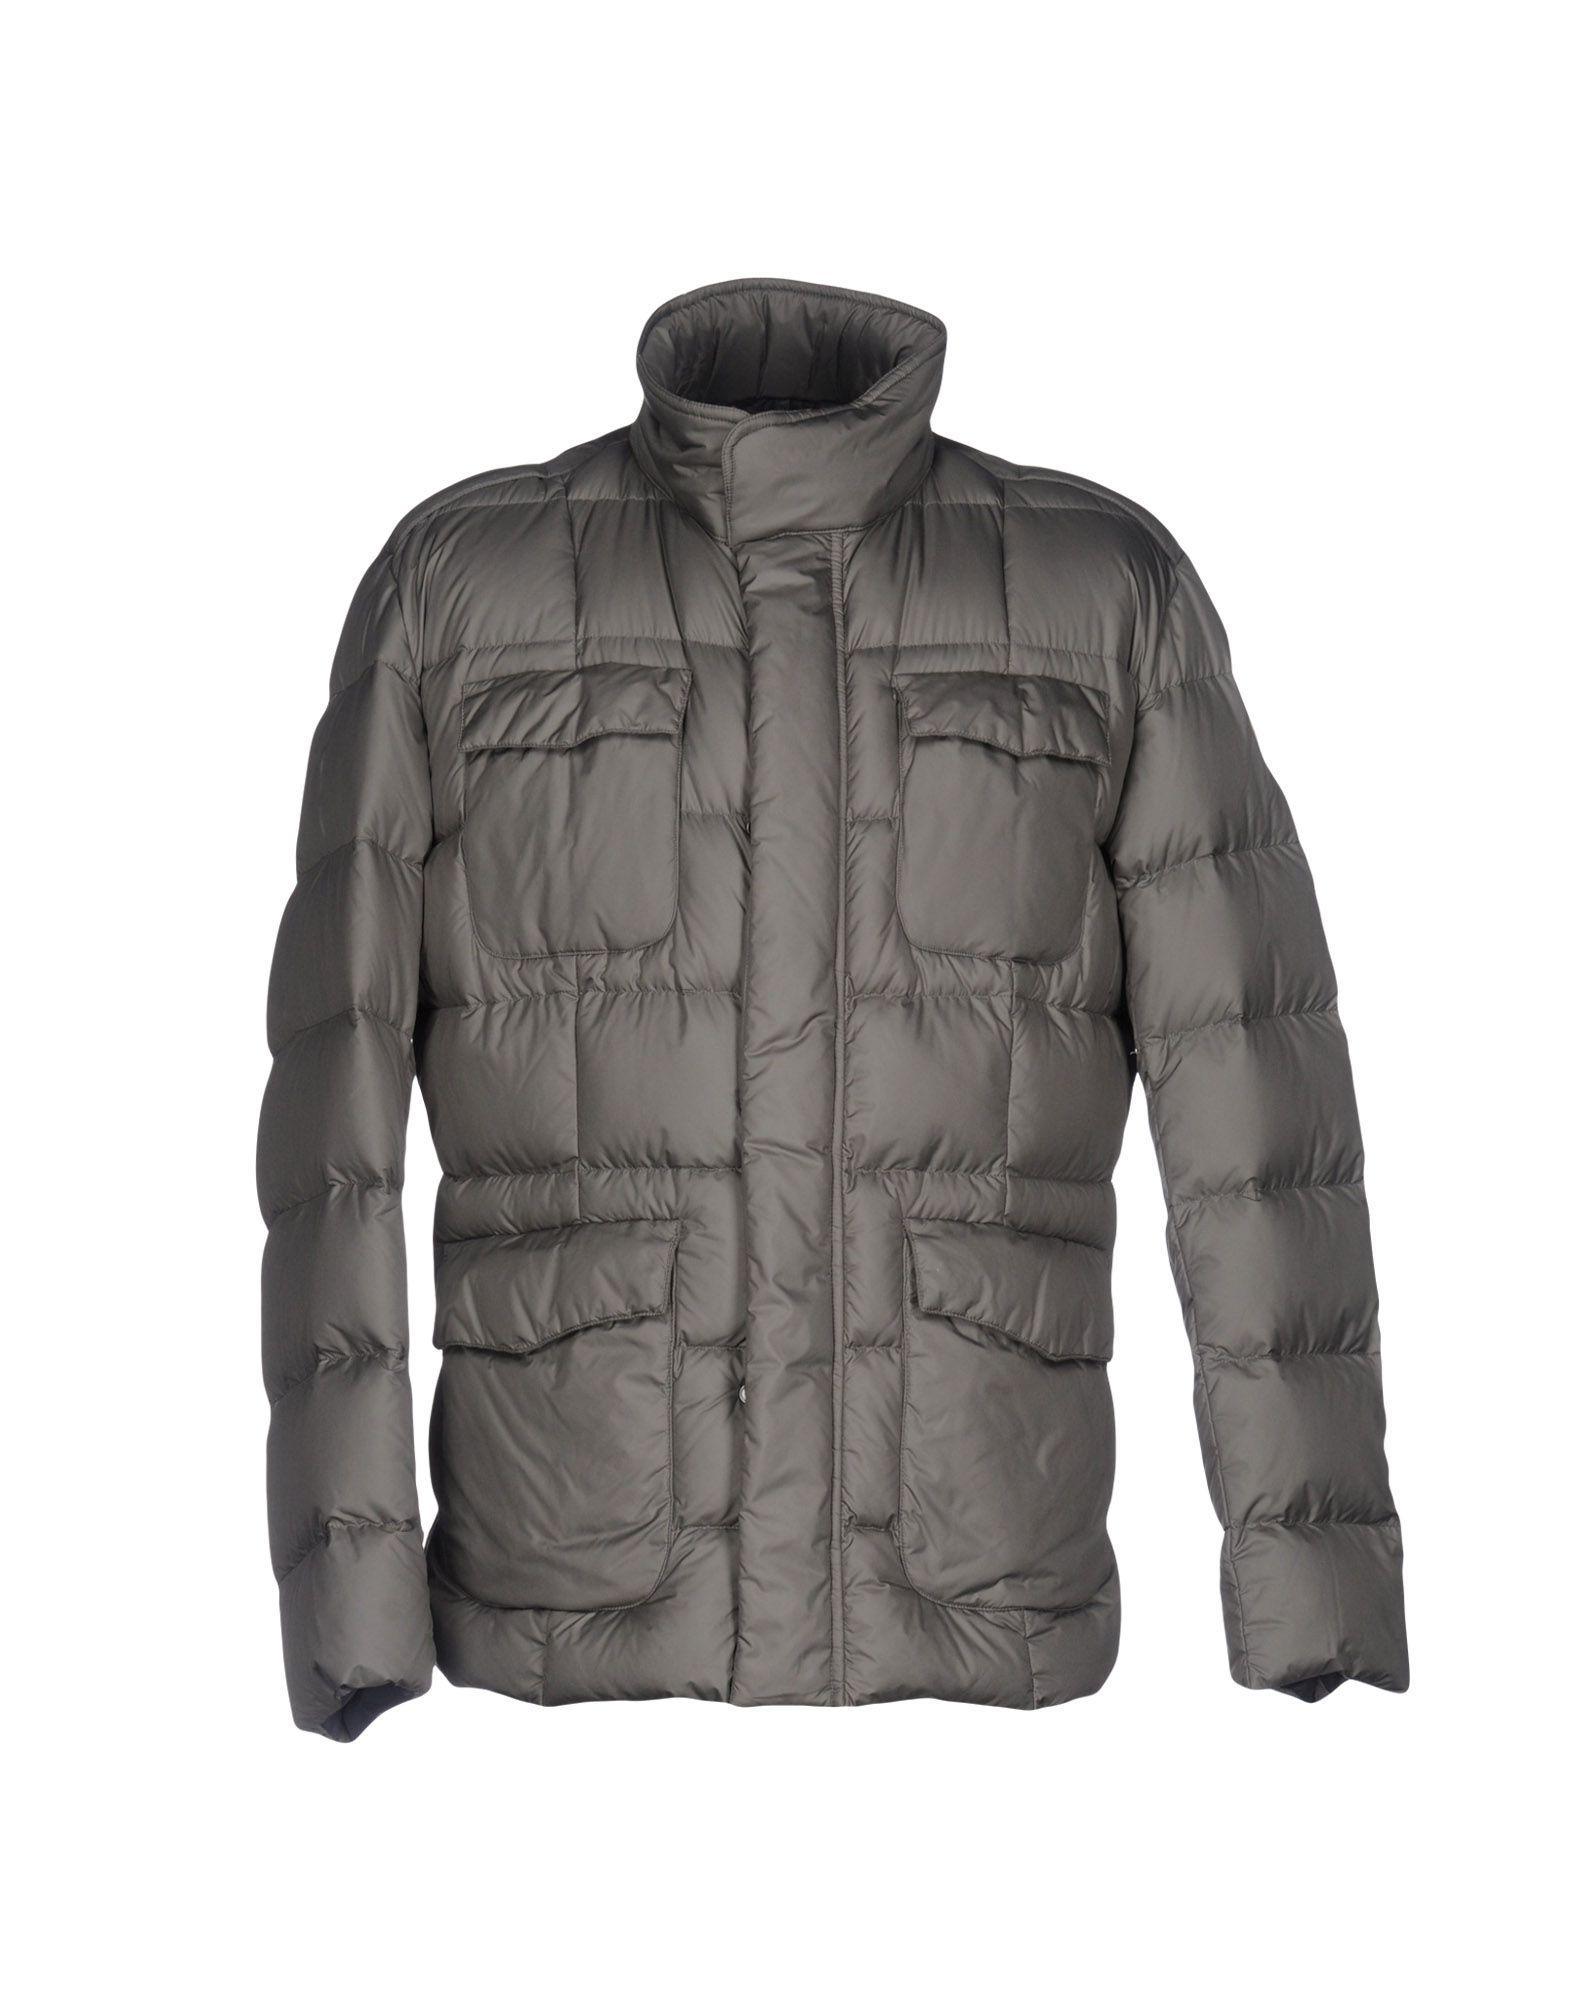 Colmar Originals Down Jackets In Grey